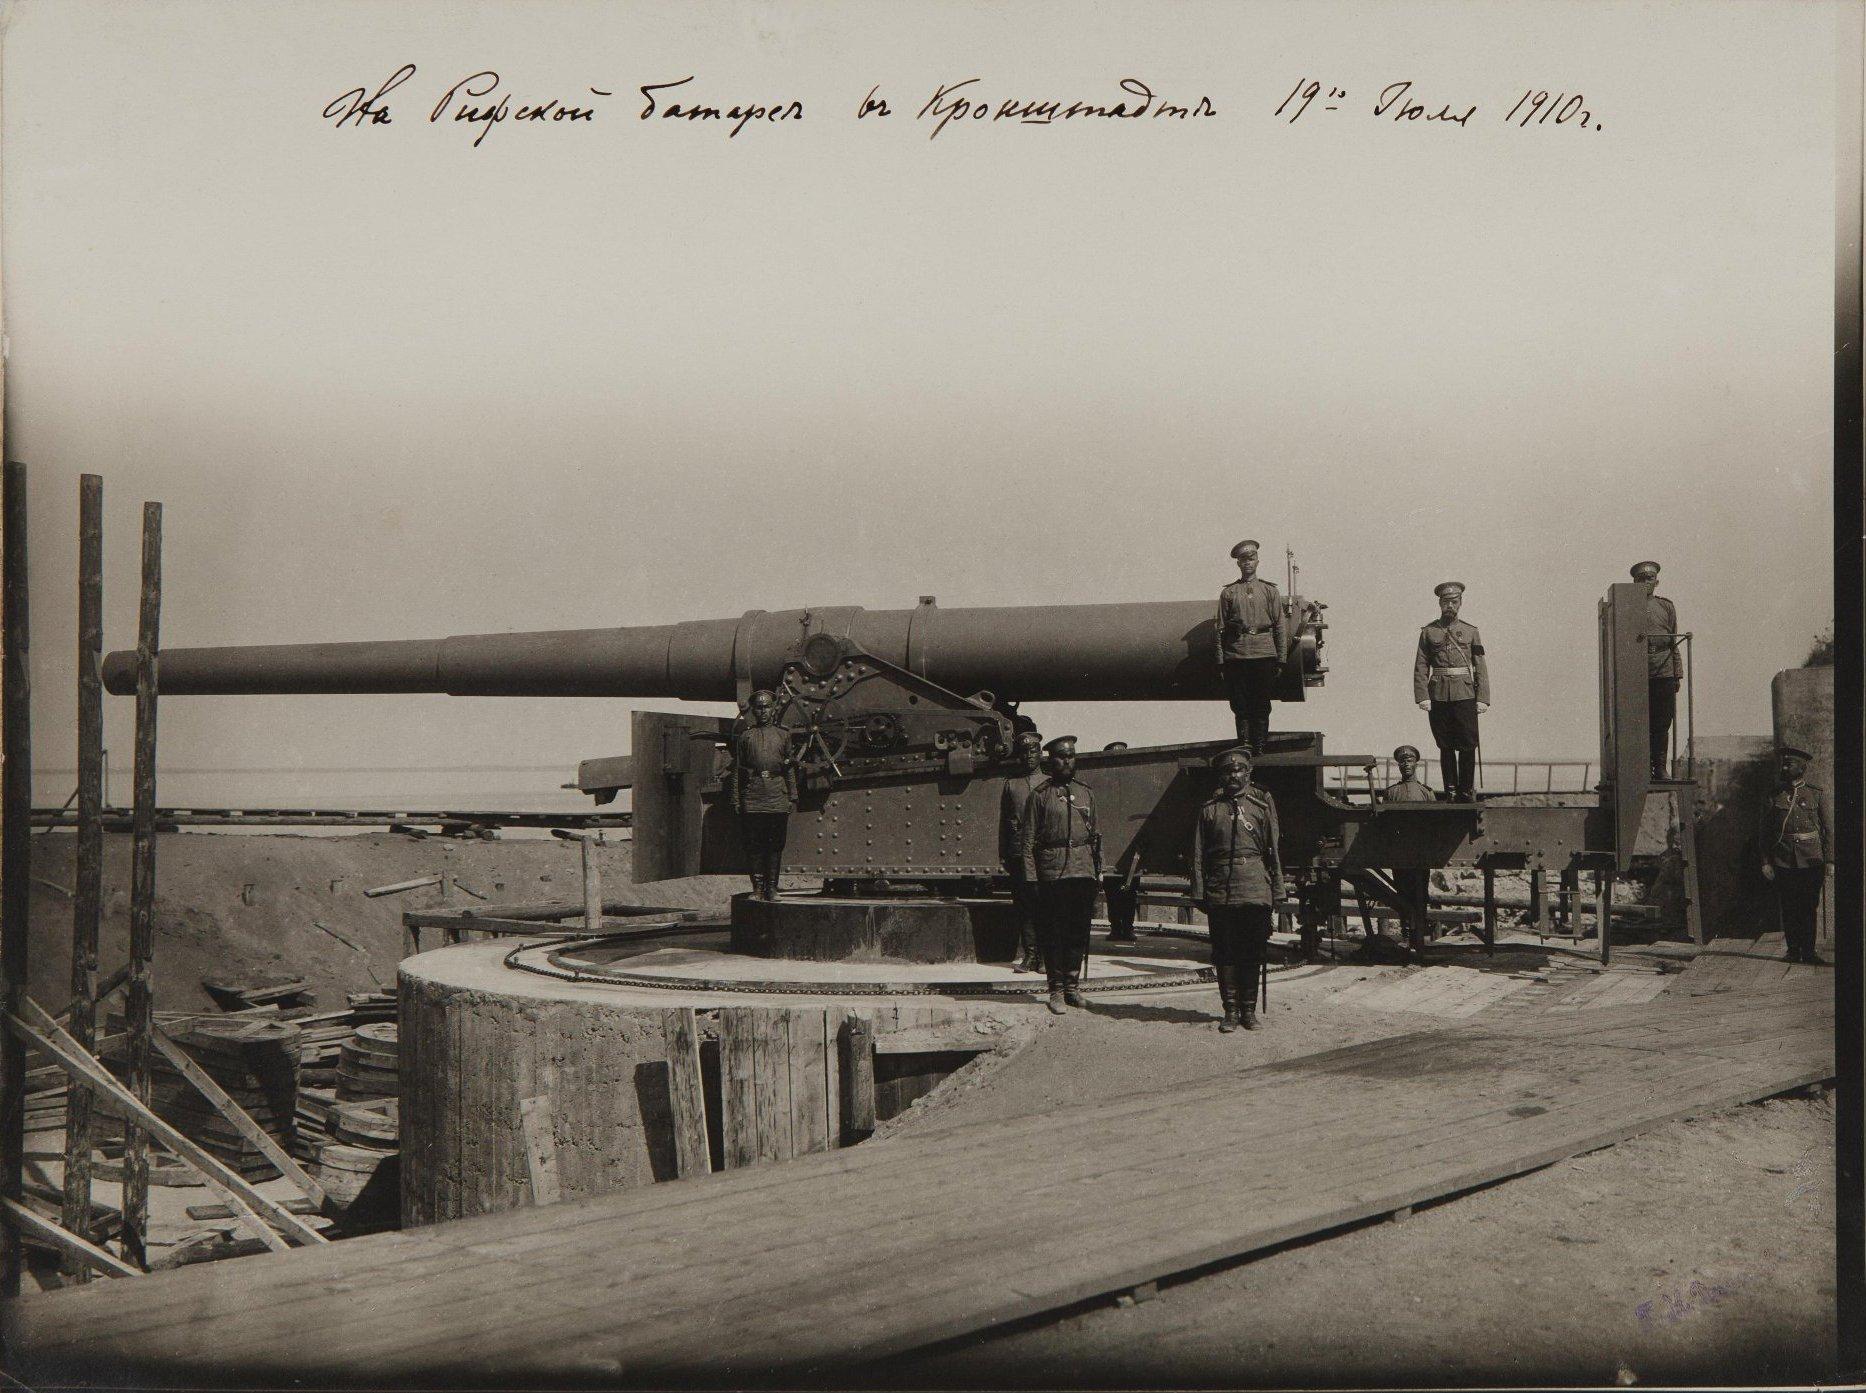 1910. Николай II в сопровождении военных у артиллерийского орудия на Рифской батарее. Кронштадт. 19 июля.jpg